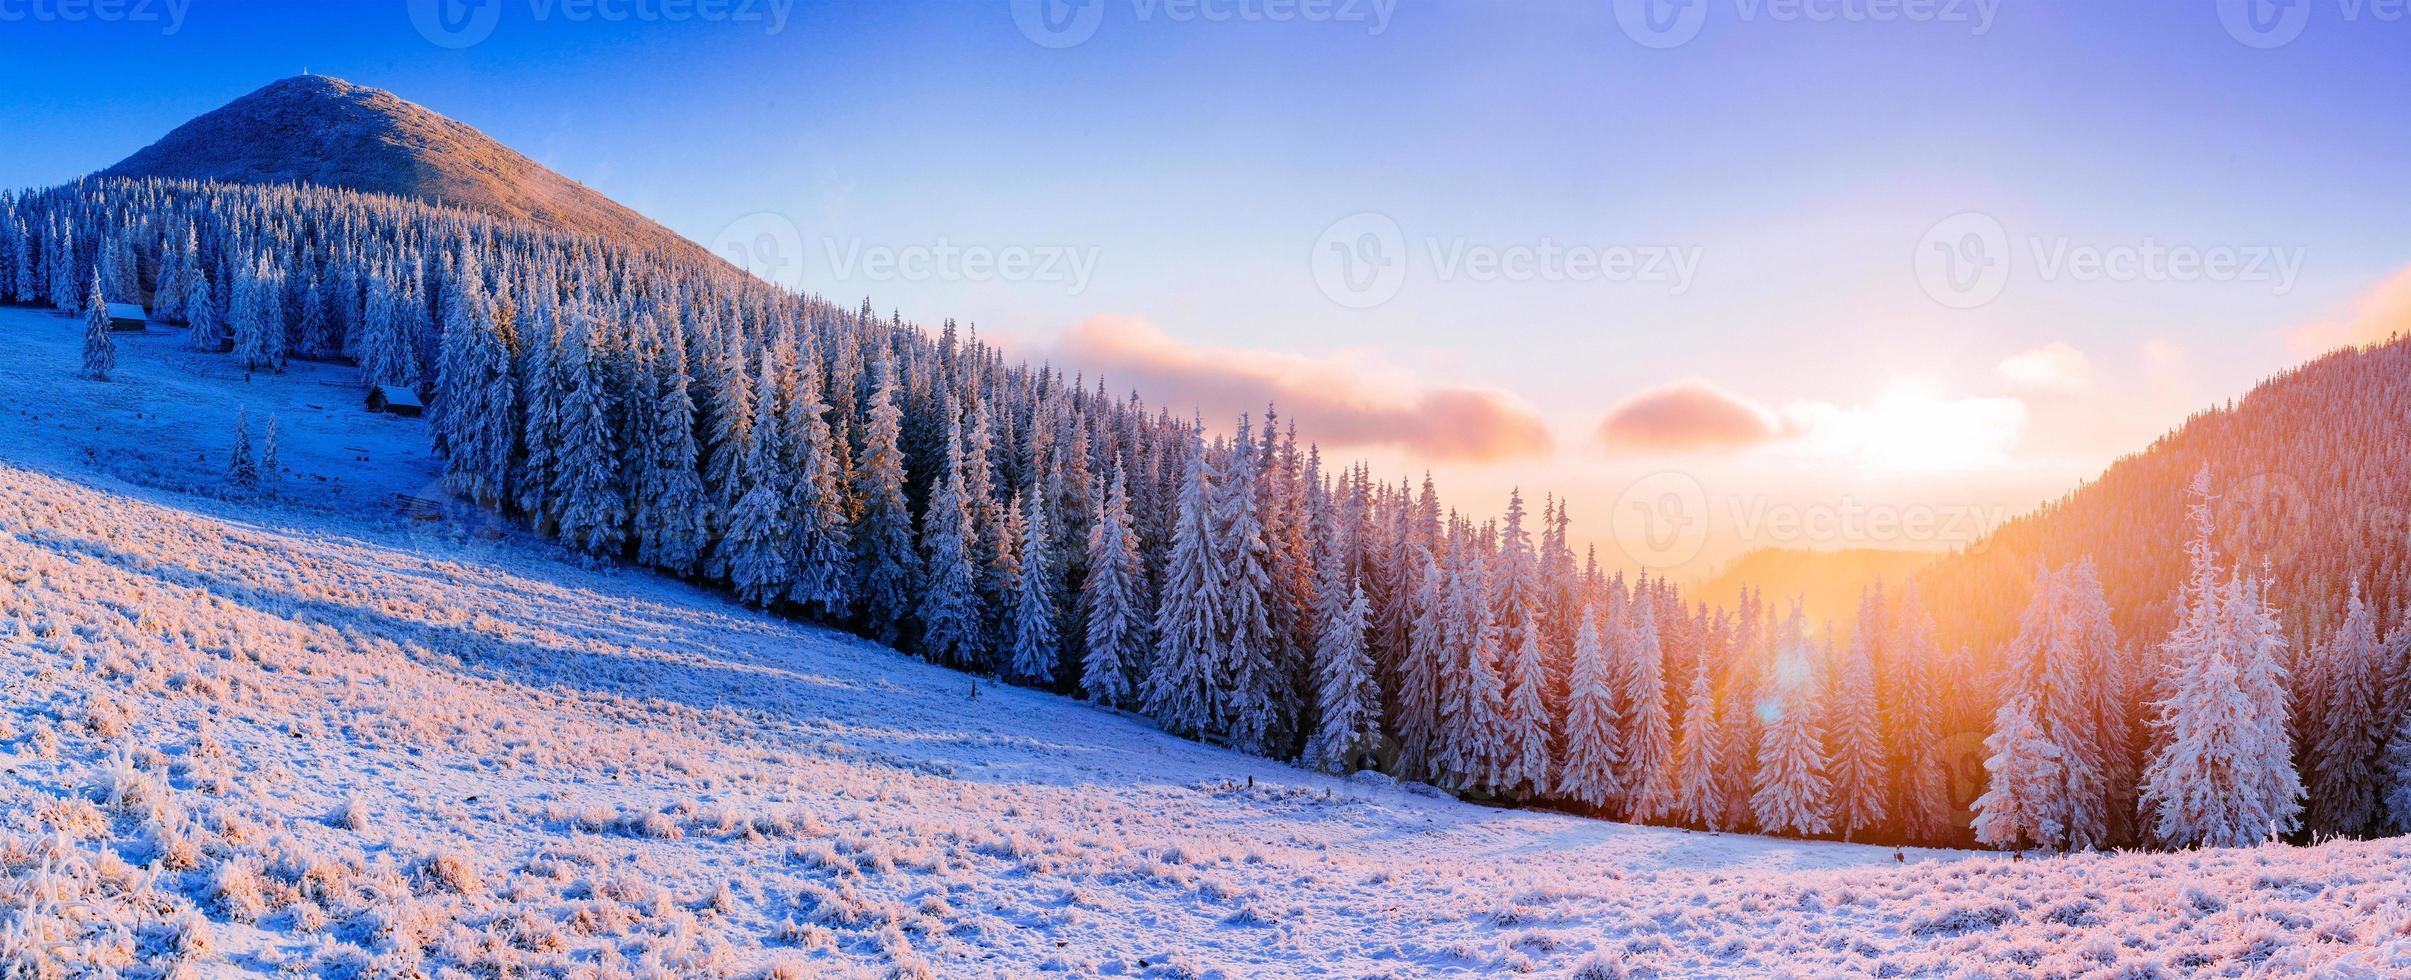 árboles de paisaje de invierno en las heladas foto